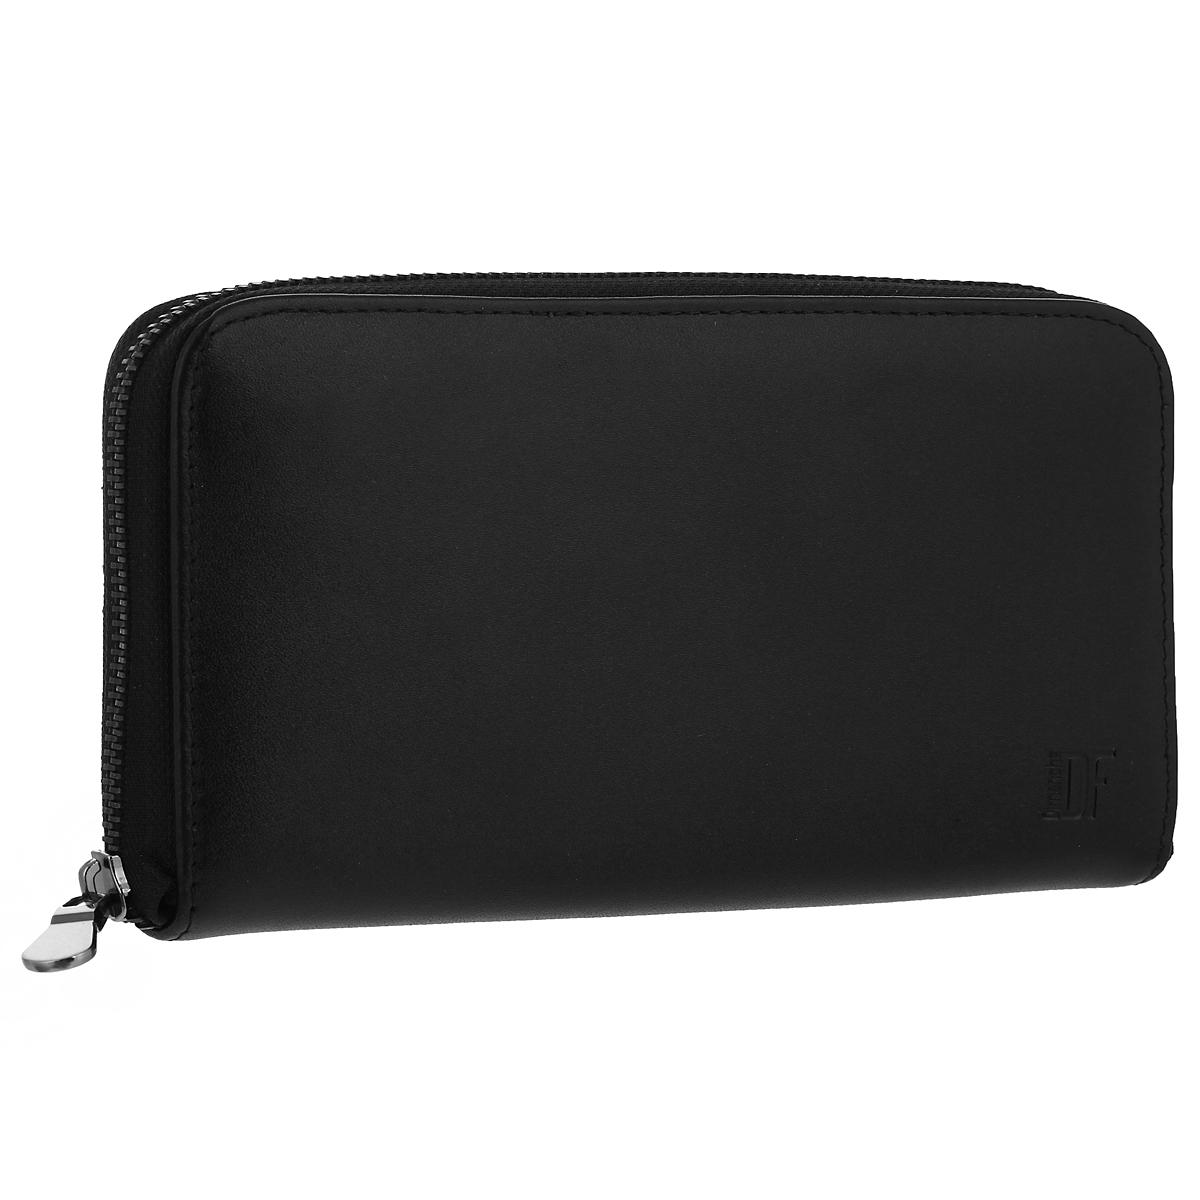 Портмоне-клатч мужское Dimanche Bond, цвет: черный. 669669Портмоне-клатч Bond выполнено из высококачественной натуральной кожи и закрывается на застежку-молнию. Внутри - четыре отделения для купюр, отделение для мелочи на молнии, потайной карман на молнии, большой карман для чеков и бумаг и шесть кармашков для кредиток. На задней стенке портмоне имеется ручка для переноски. Портмоне упаковано в фирменную картонную коробку.